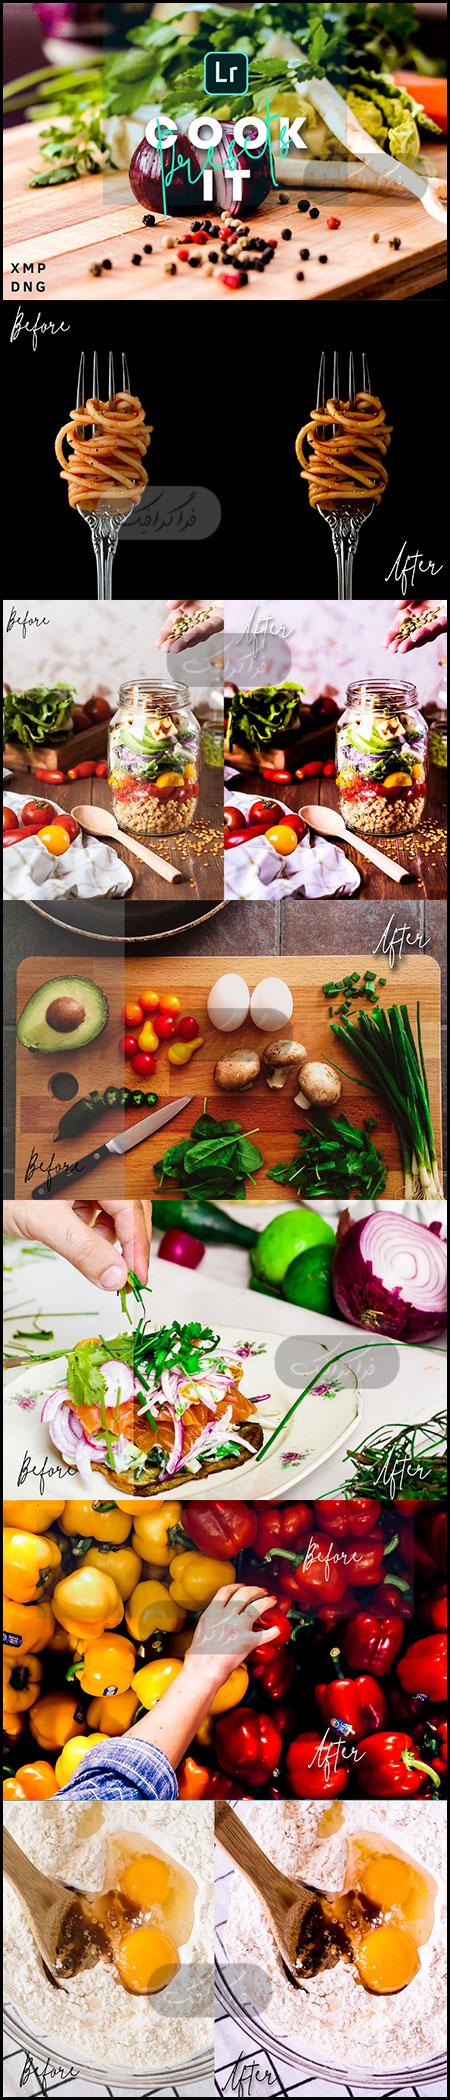 دانلود افکت های لایت روم تصاویر غذا - شماره 9